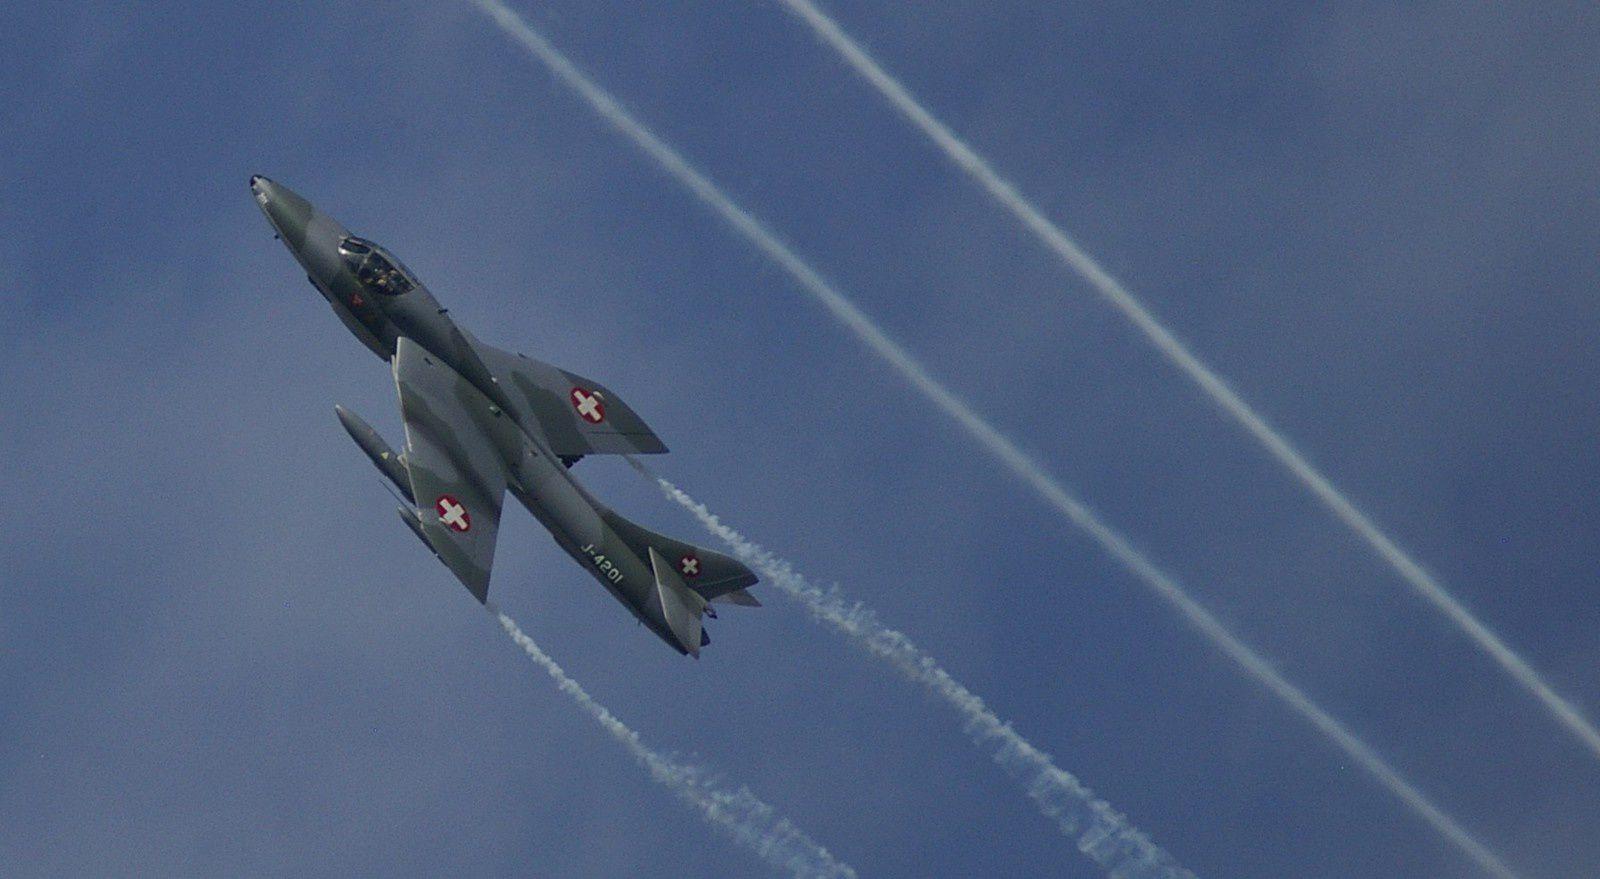 Hawker Hunter. Il volait en patrouille avec le Sea Fury, je suis tout surpris d'avoir réussi à faire une photo nette.